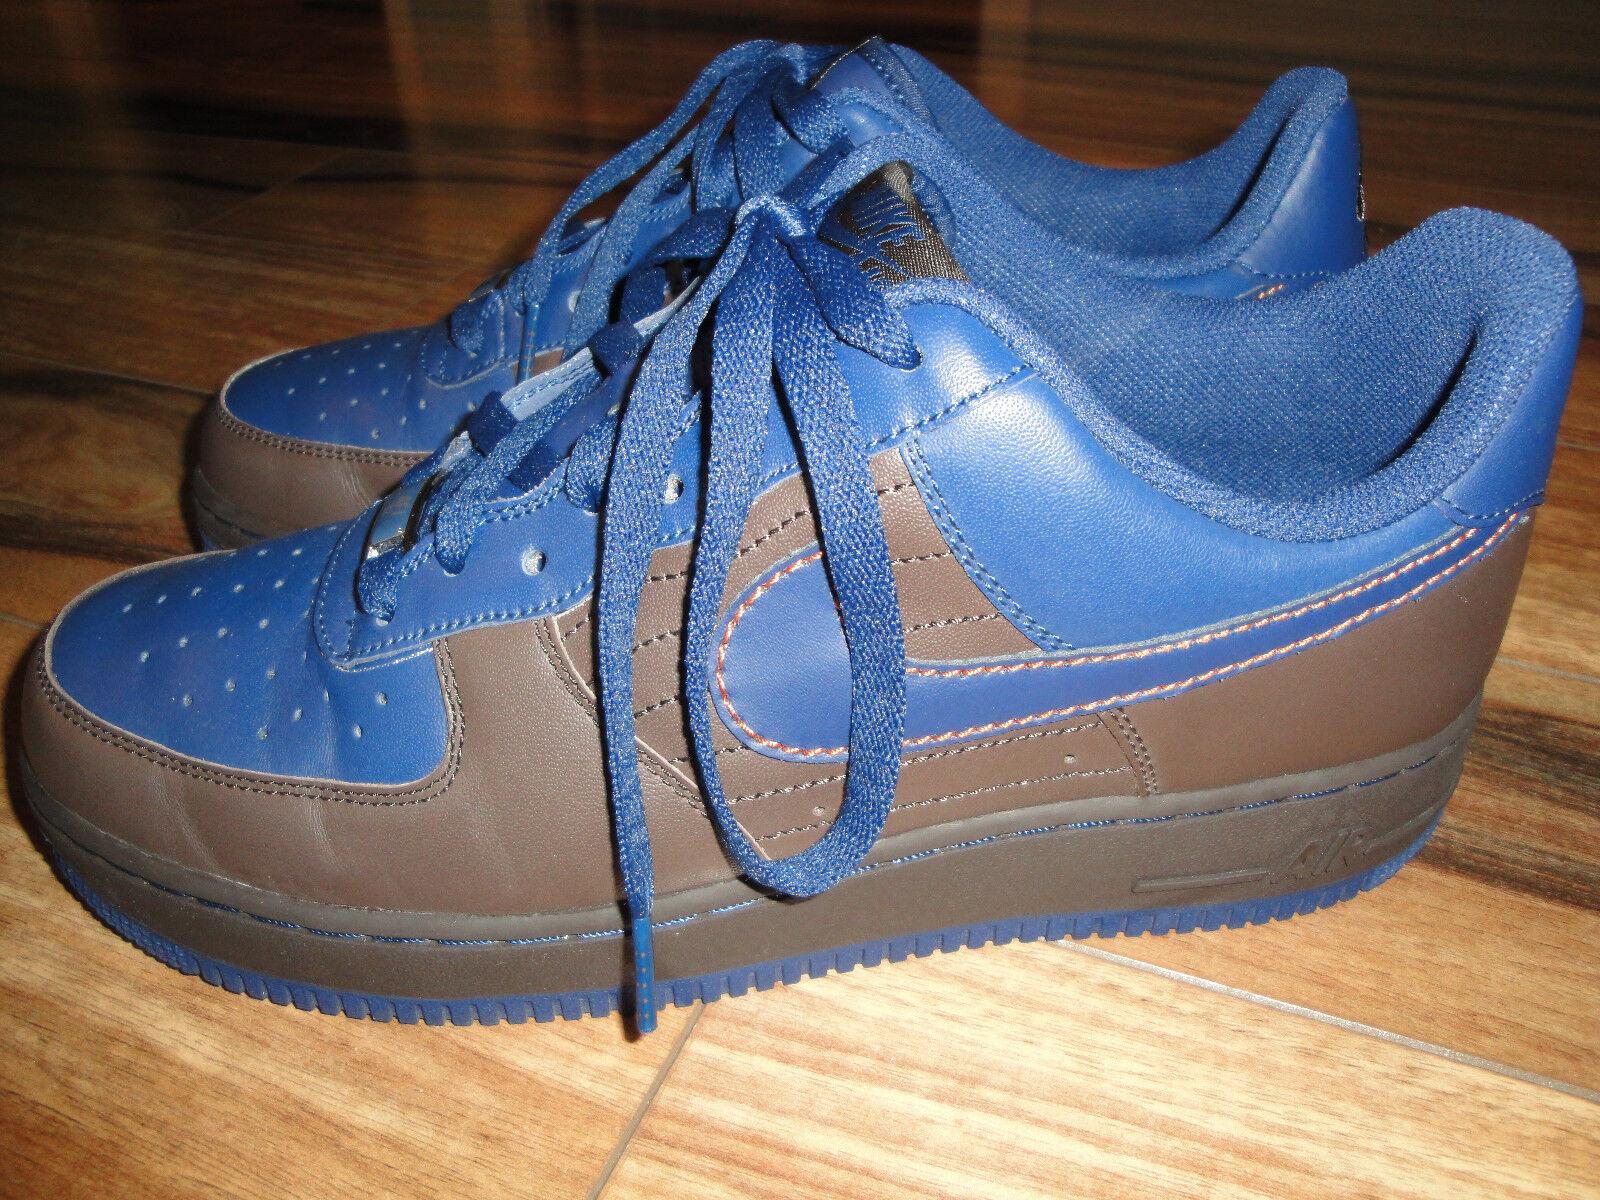 Nike air force 1 chocolate bassa dimensione 10 stile chocolate 1 brown & blu 396ce5